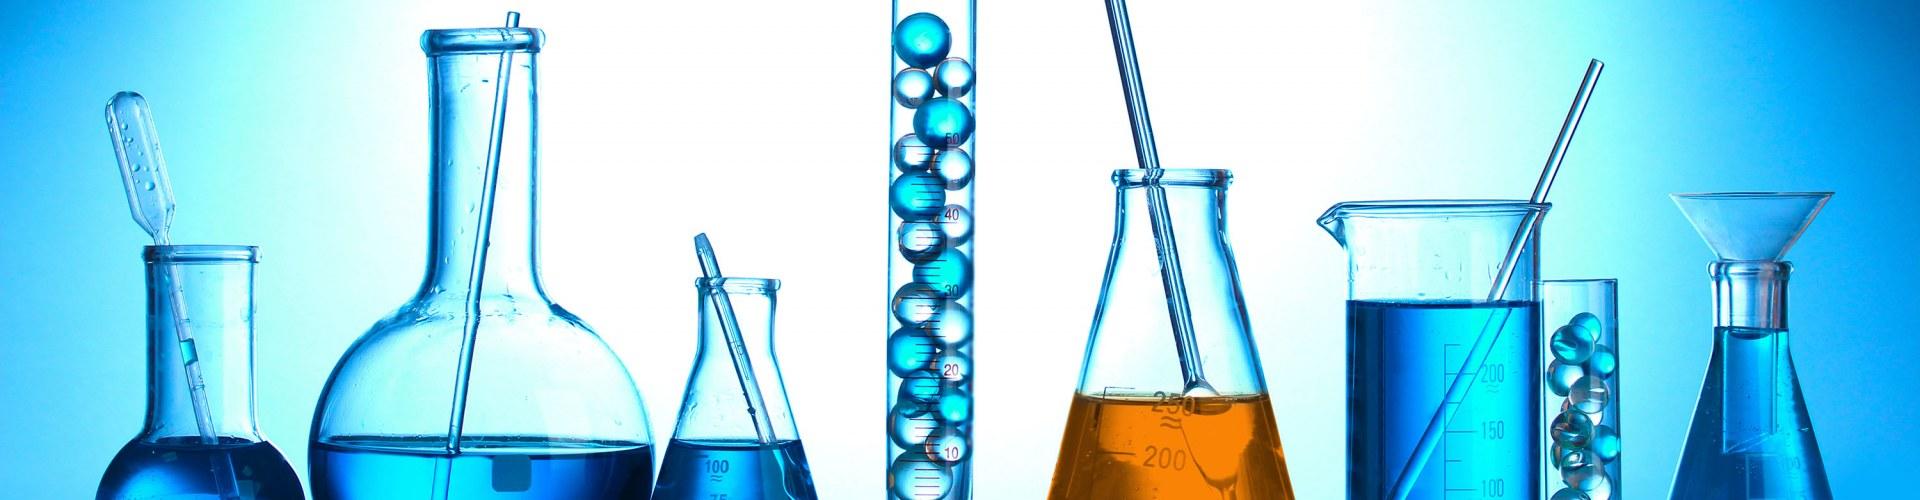 Ingenieurbüro Planungsbüro Chemie Prozess